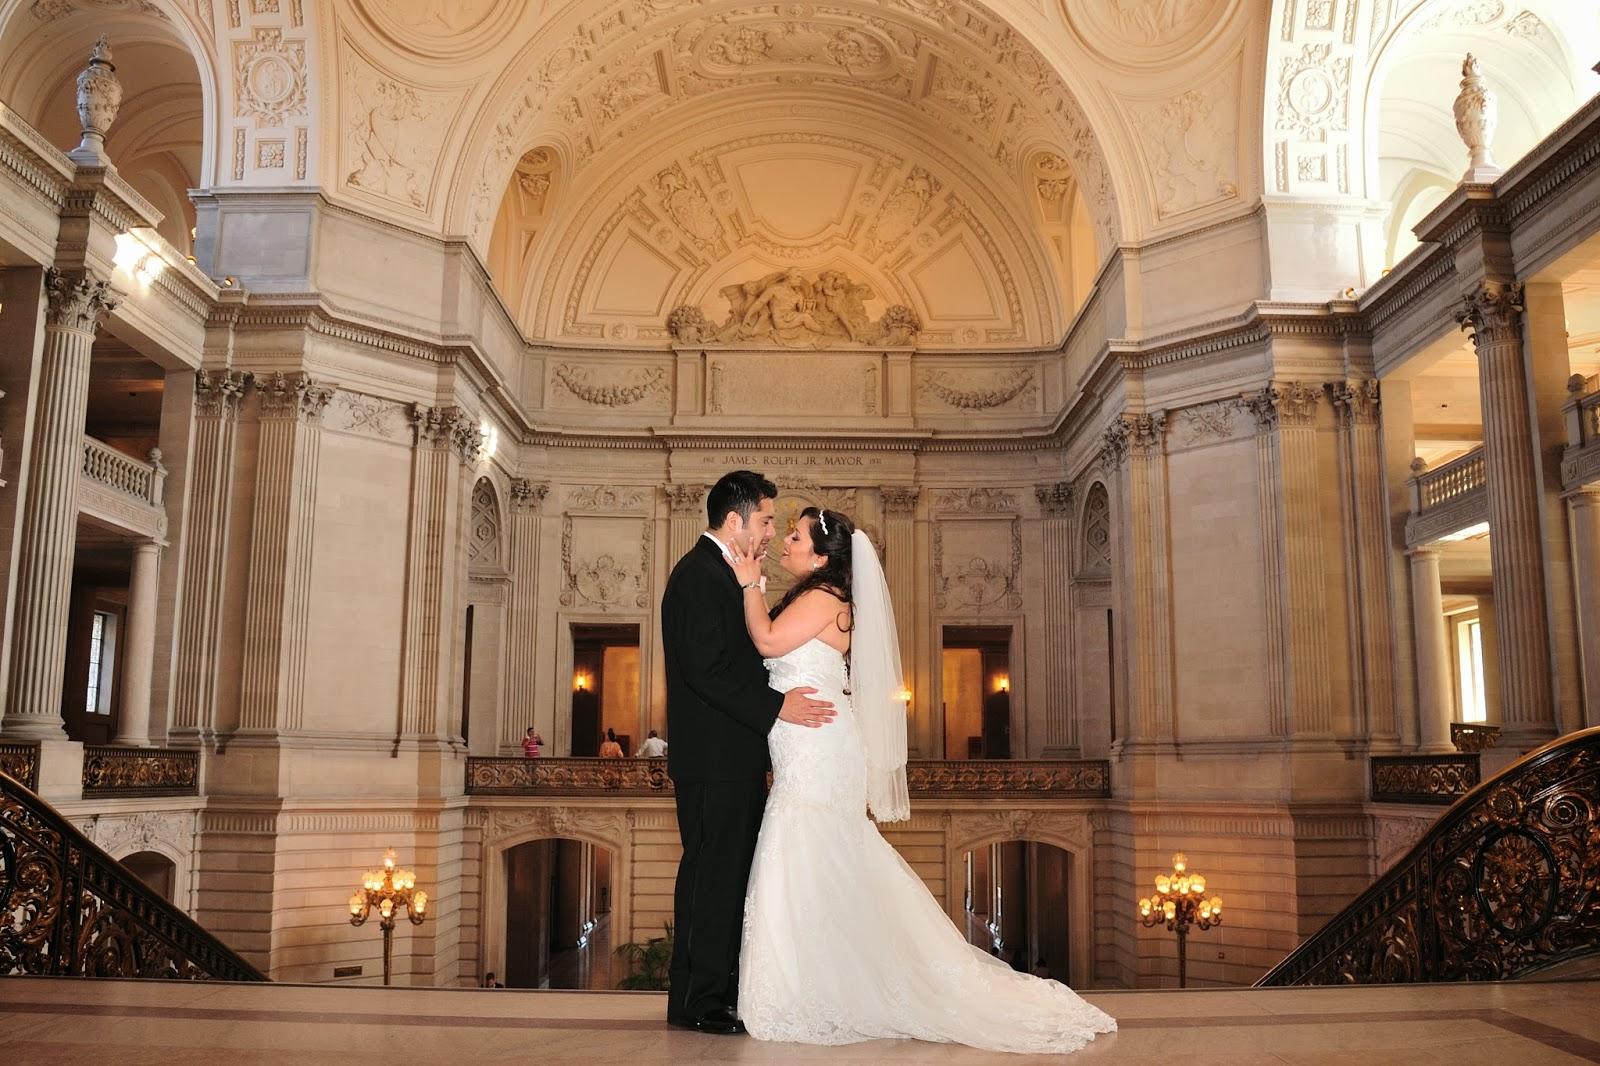 Ceremonia De Matrimonio Catolico : Club novi s ceremonia religiosa